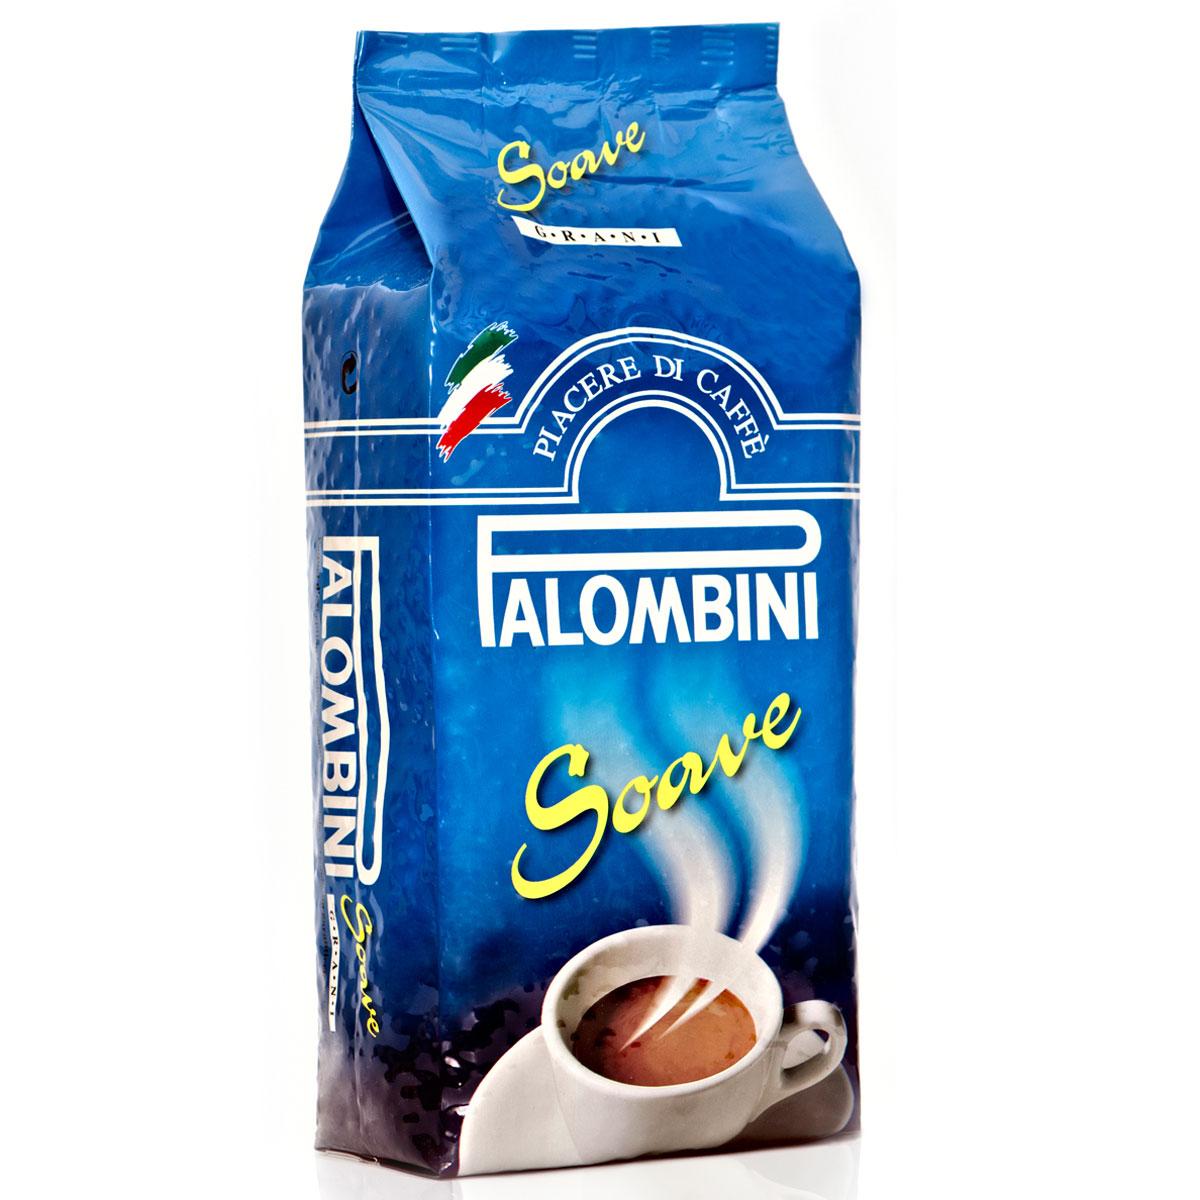 Palombini Soave кофе в зернах, 1 кг101246Натуральный жареный кофе высшего сорта Palombini Soave в зернах. Исключительный аромат и запоминающийся вкус . Рекомендуетсядля приготовления в домашних условиях. Состав смеси: 75% арабика, 25% робуста.